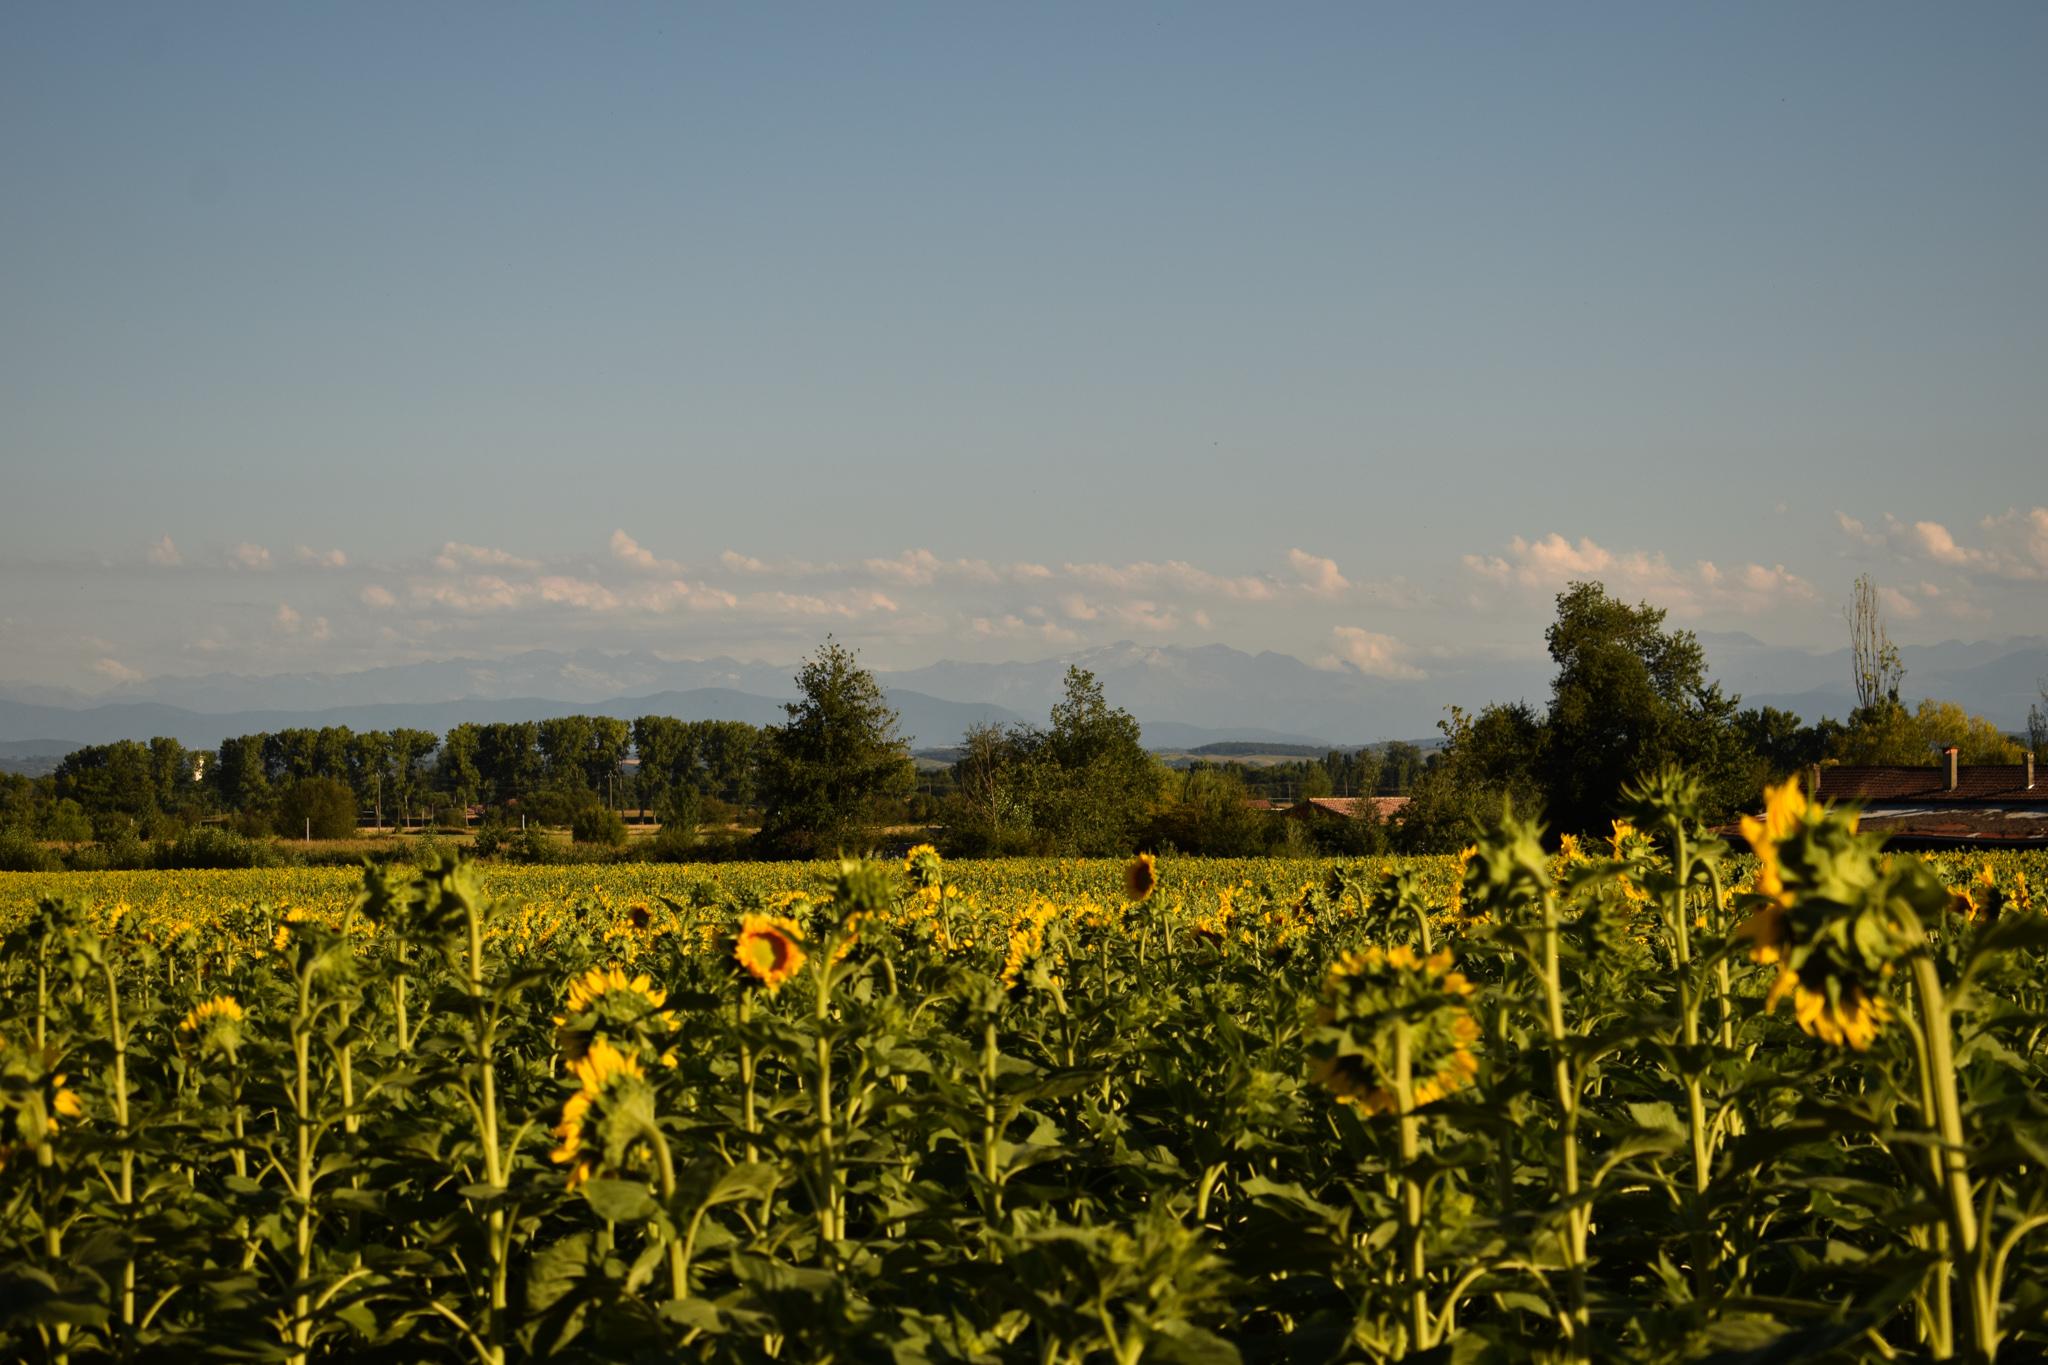 Les Pyrénées derrière le champ de tournesols